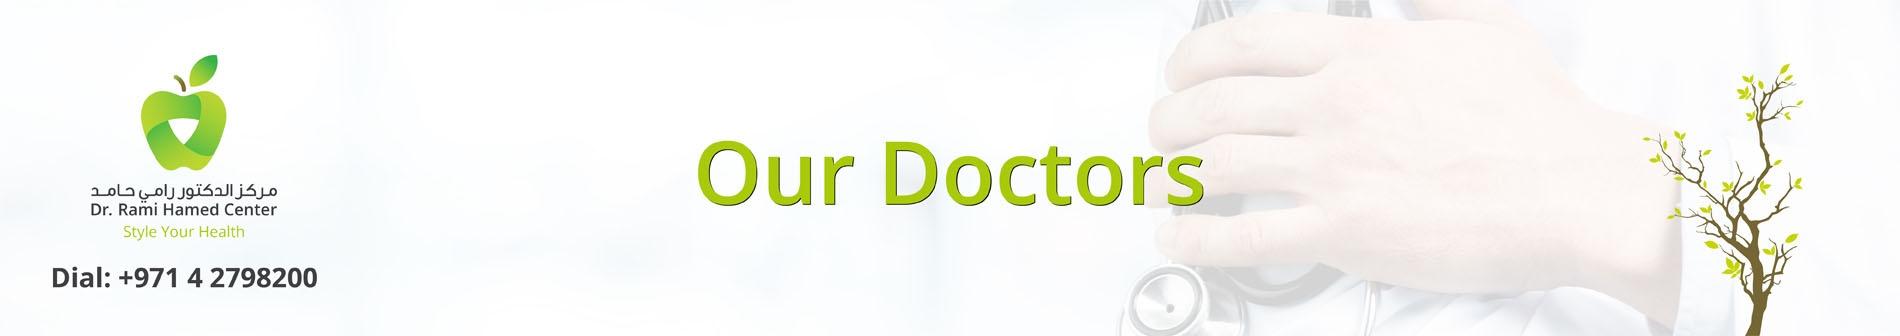 Spine Hospital Dubai Orthopedic Surgeon